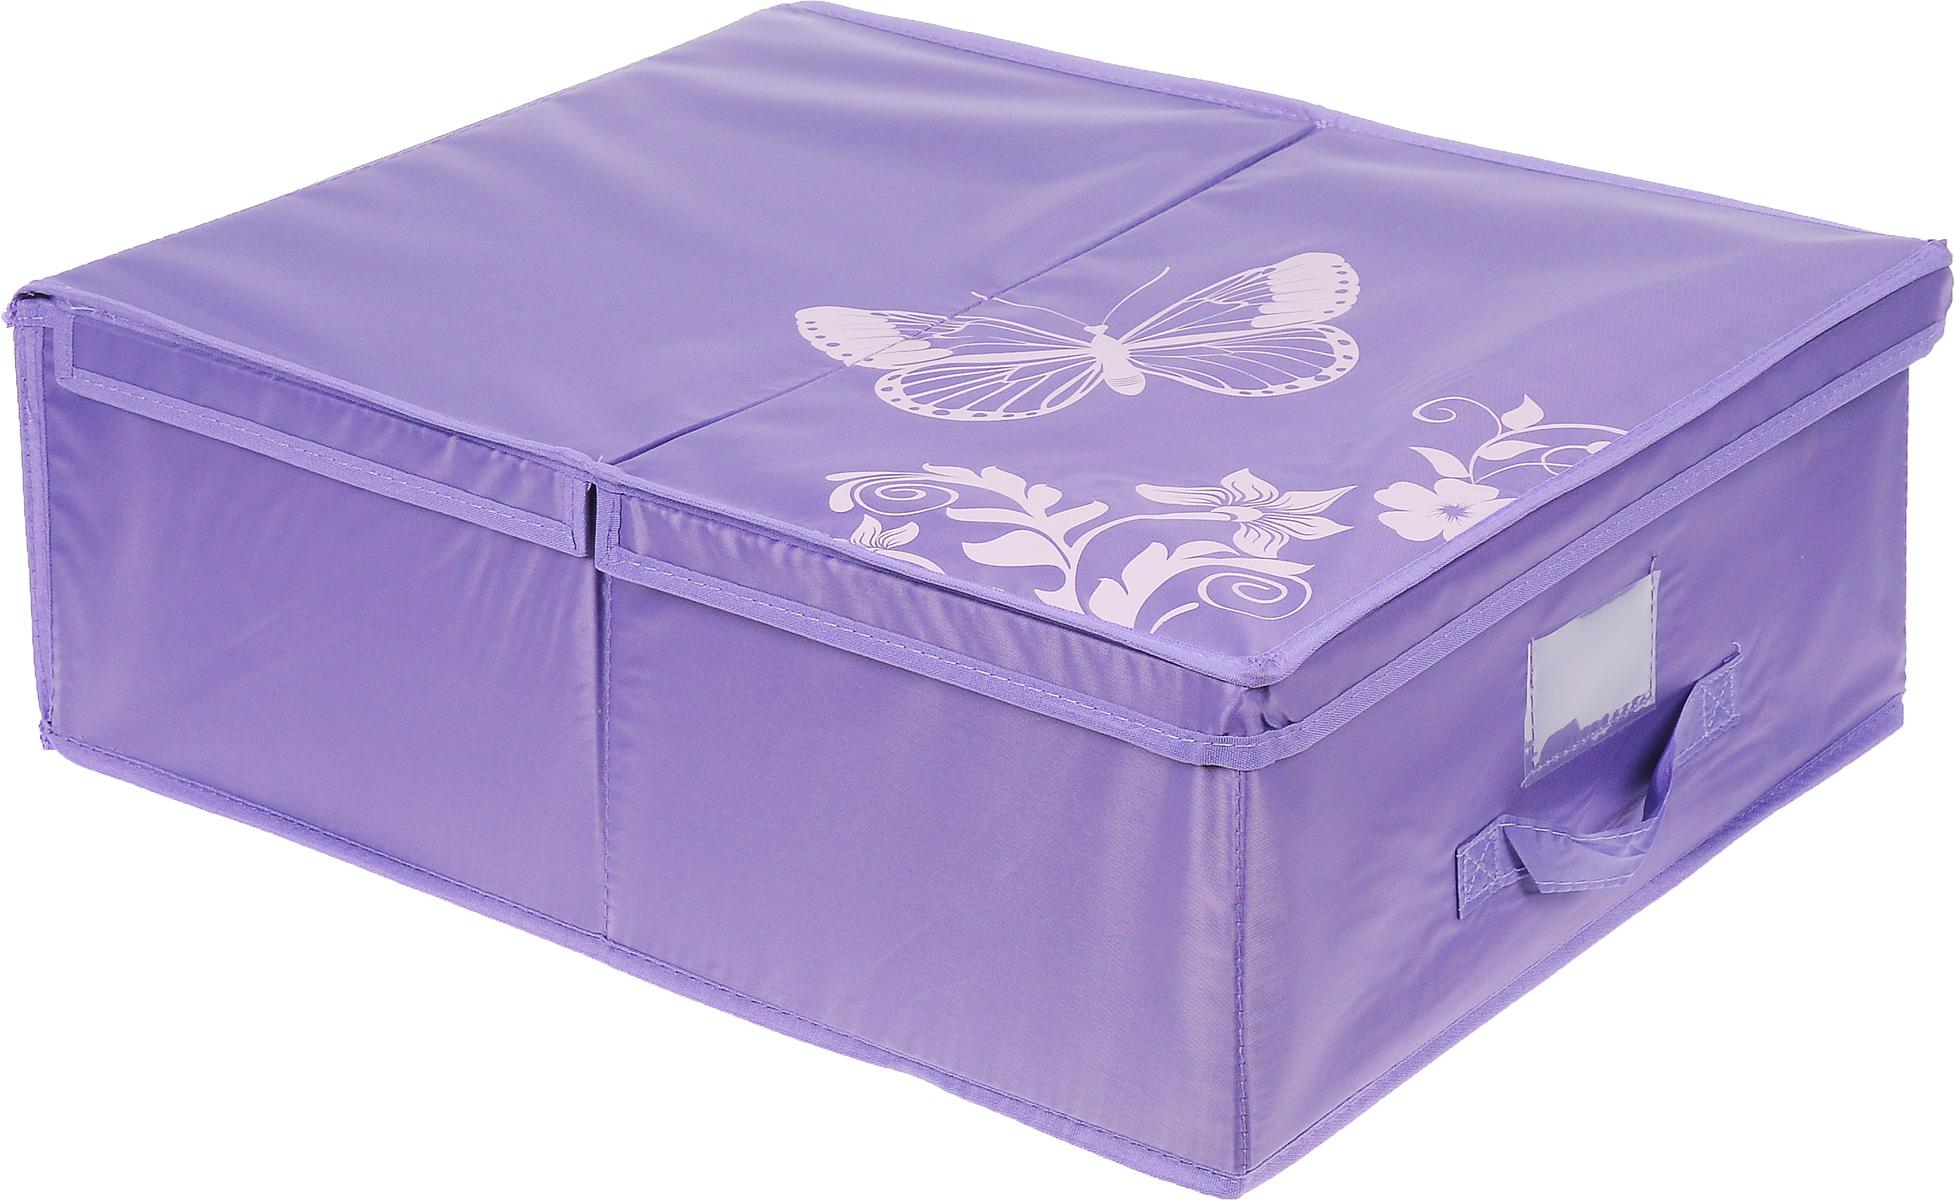 Кофр подкроватный Hausmann Butterfly, цвет: фиолетовый, 43 см х 54 см х 18 см4P-103-4С_фиолетовыйПодкроватный кофр для хранения Hausmann Butterfly поможет легко организовать пространство в шкафу или в гардеробе, компактные формы позволяют хранить его под кроватью. Изделие выполнено из нетканого материала и полиэстера с защитой от пыли. Кофр держит форму благодаря жесткой вставке из картона, которая устанавливается на дно. Боковая поверхность оформлена красивым принтом. Имеется ручка, крышка и прозрачный карман для пометки содержимого. В таком кофре удобно хранить одежду, текстиль и различные аксессуары.